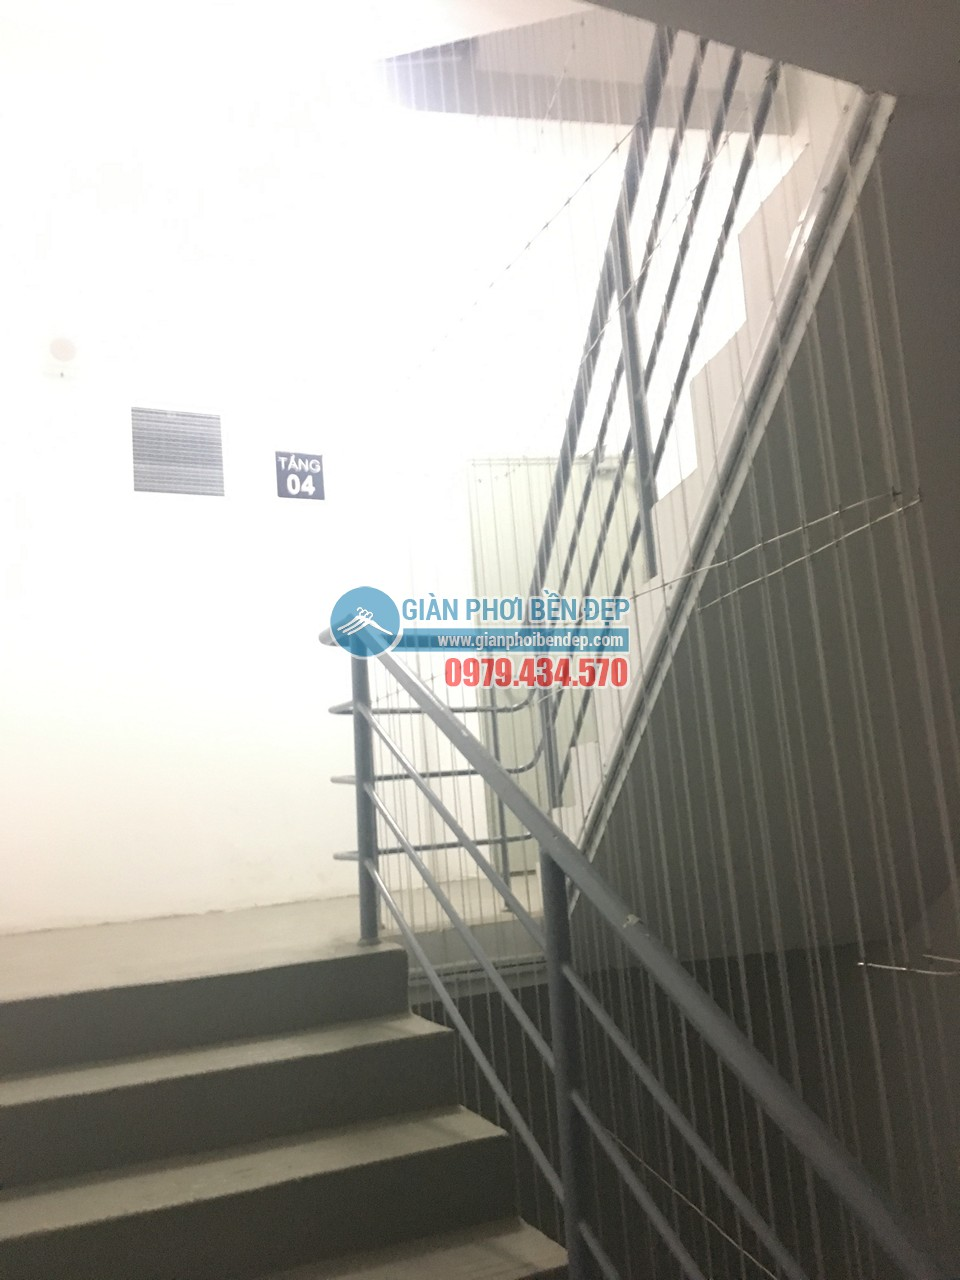 Hoàn thiện lắp đặt lưới an toàn cho cầu thang bộ tòa CT8A Dương Nội, Hà Đông - 03